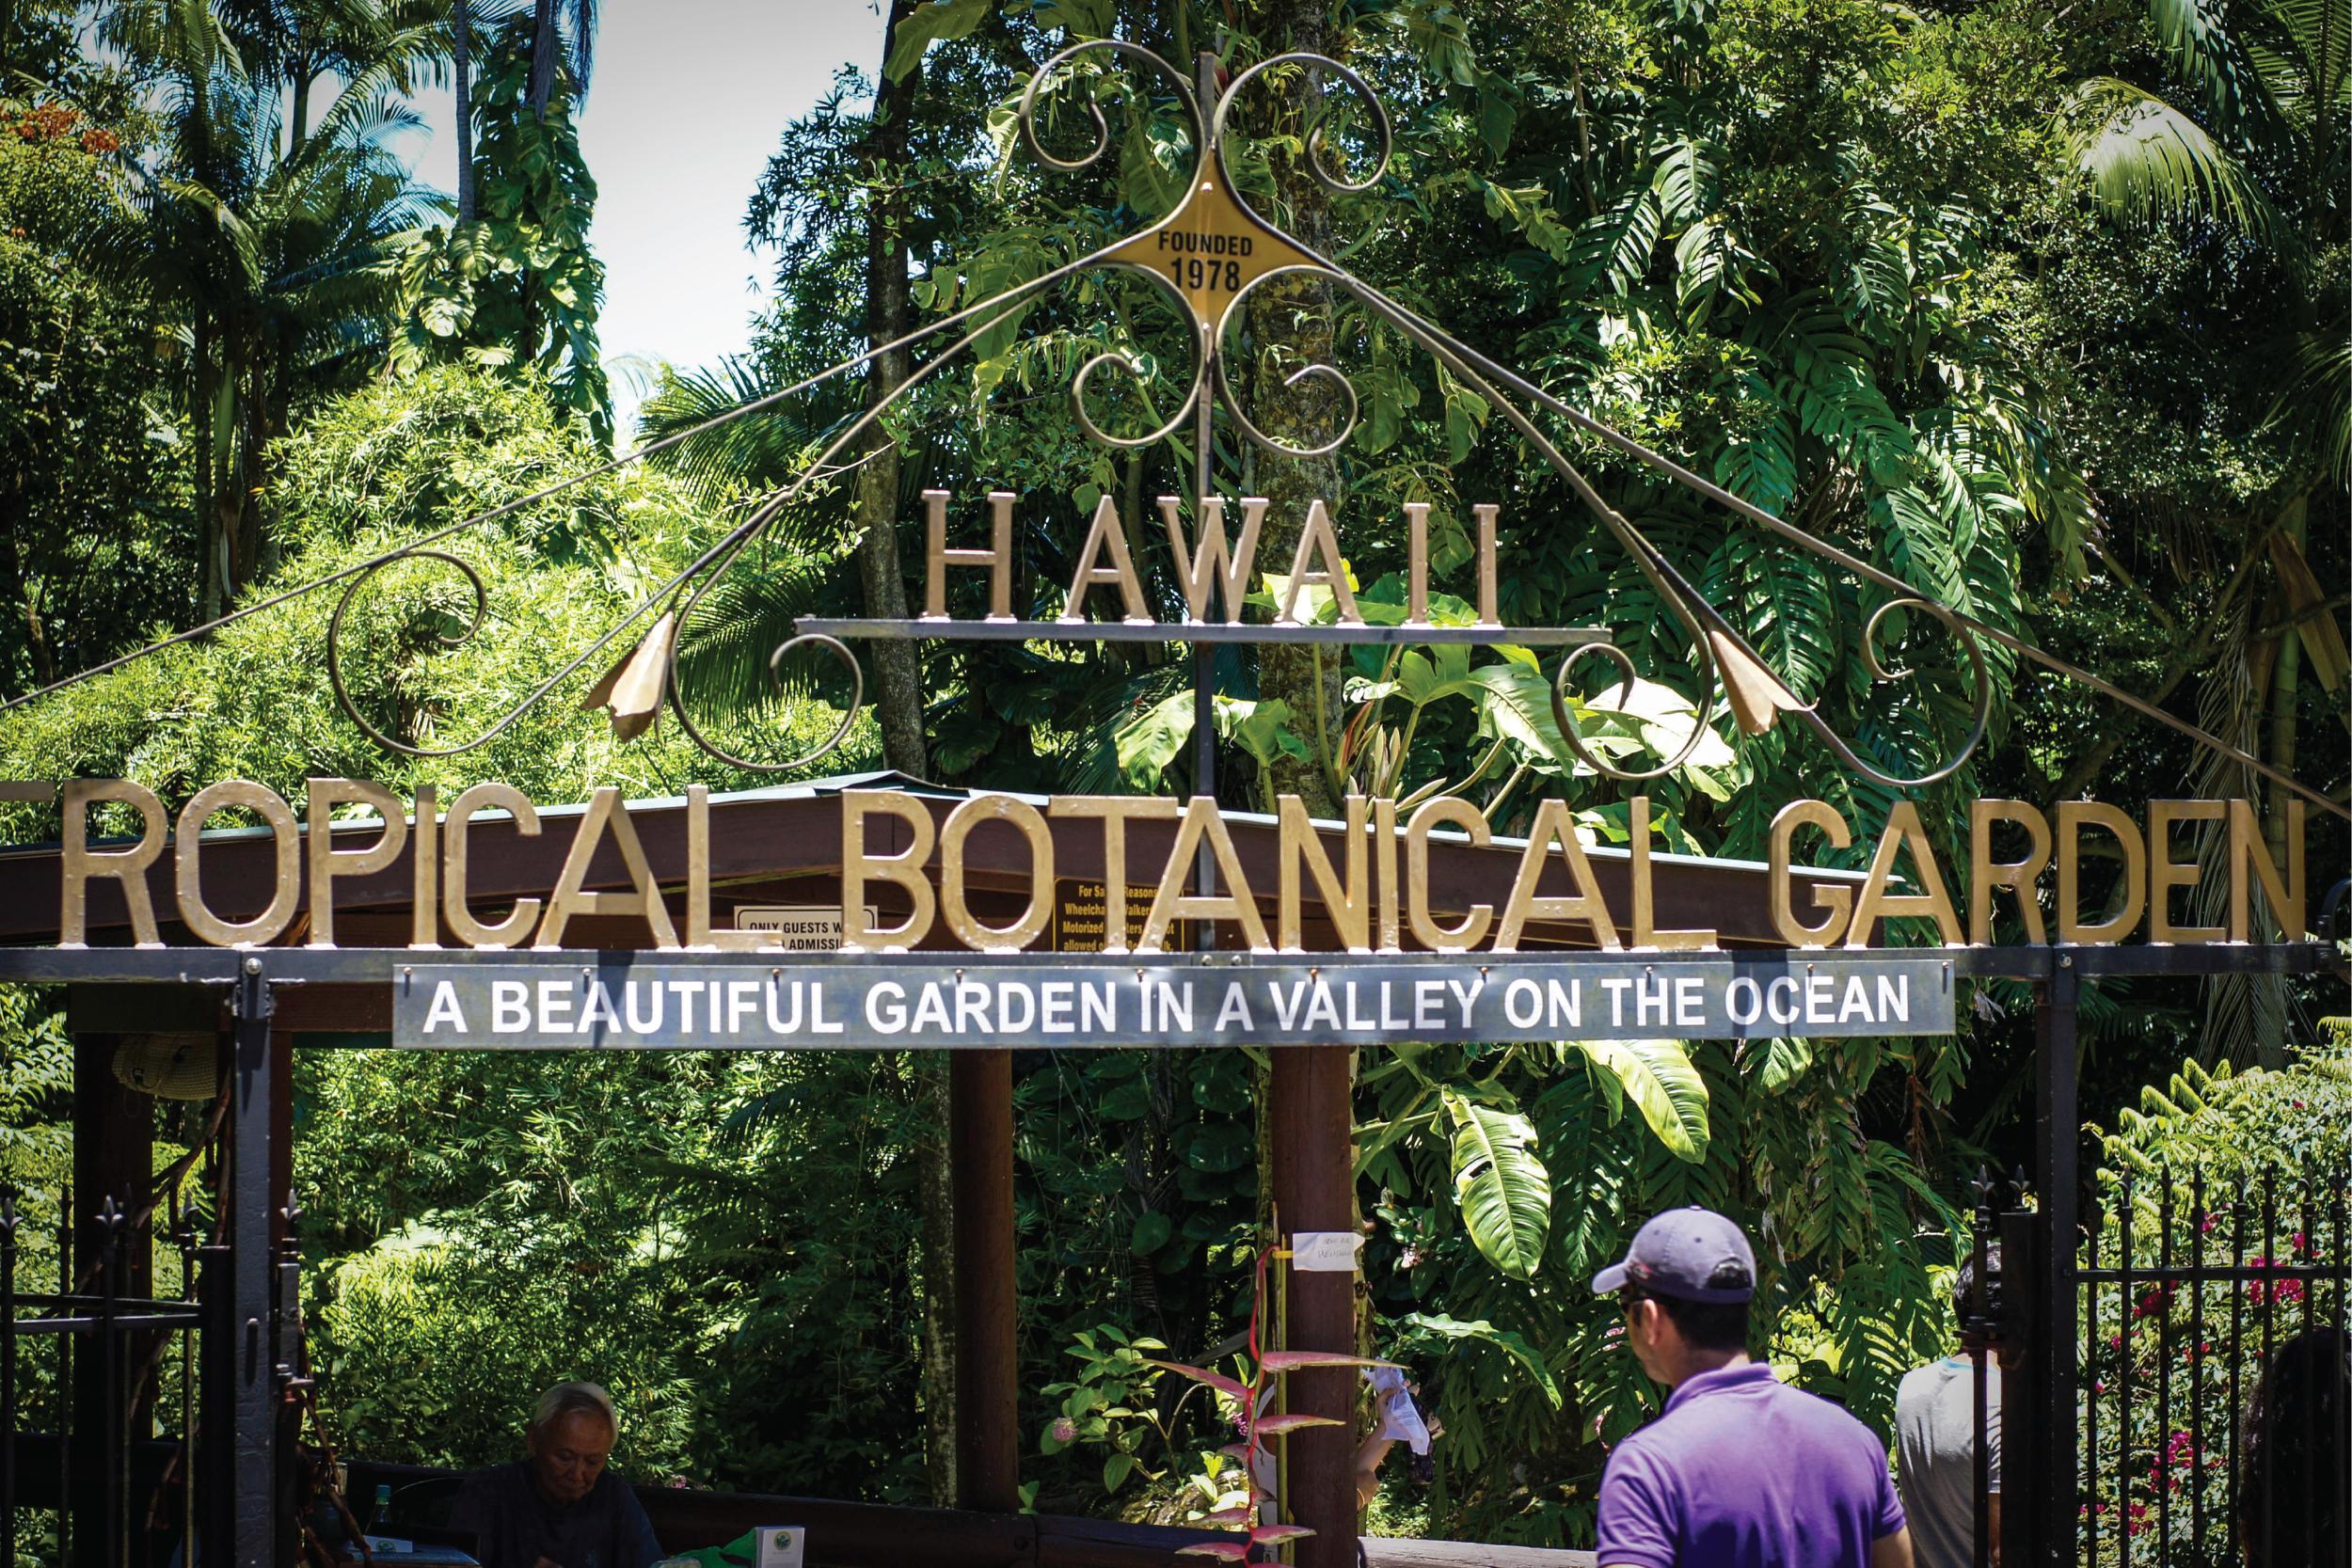 Entrance to the Hawaiian Tropical Botanical Garden